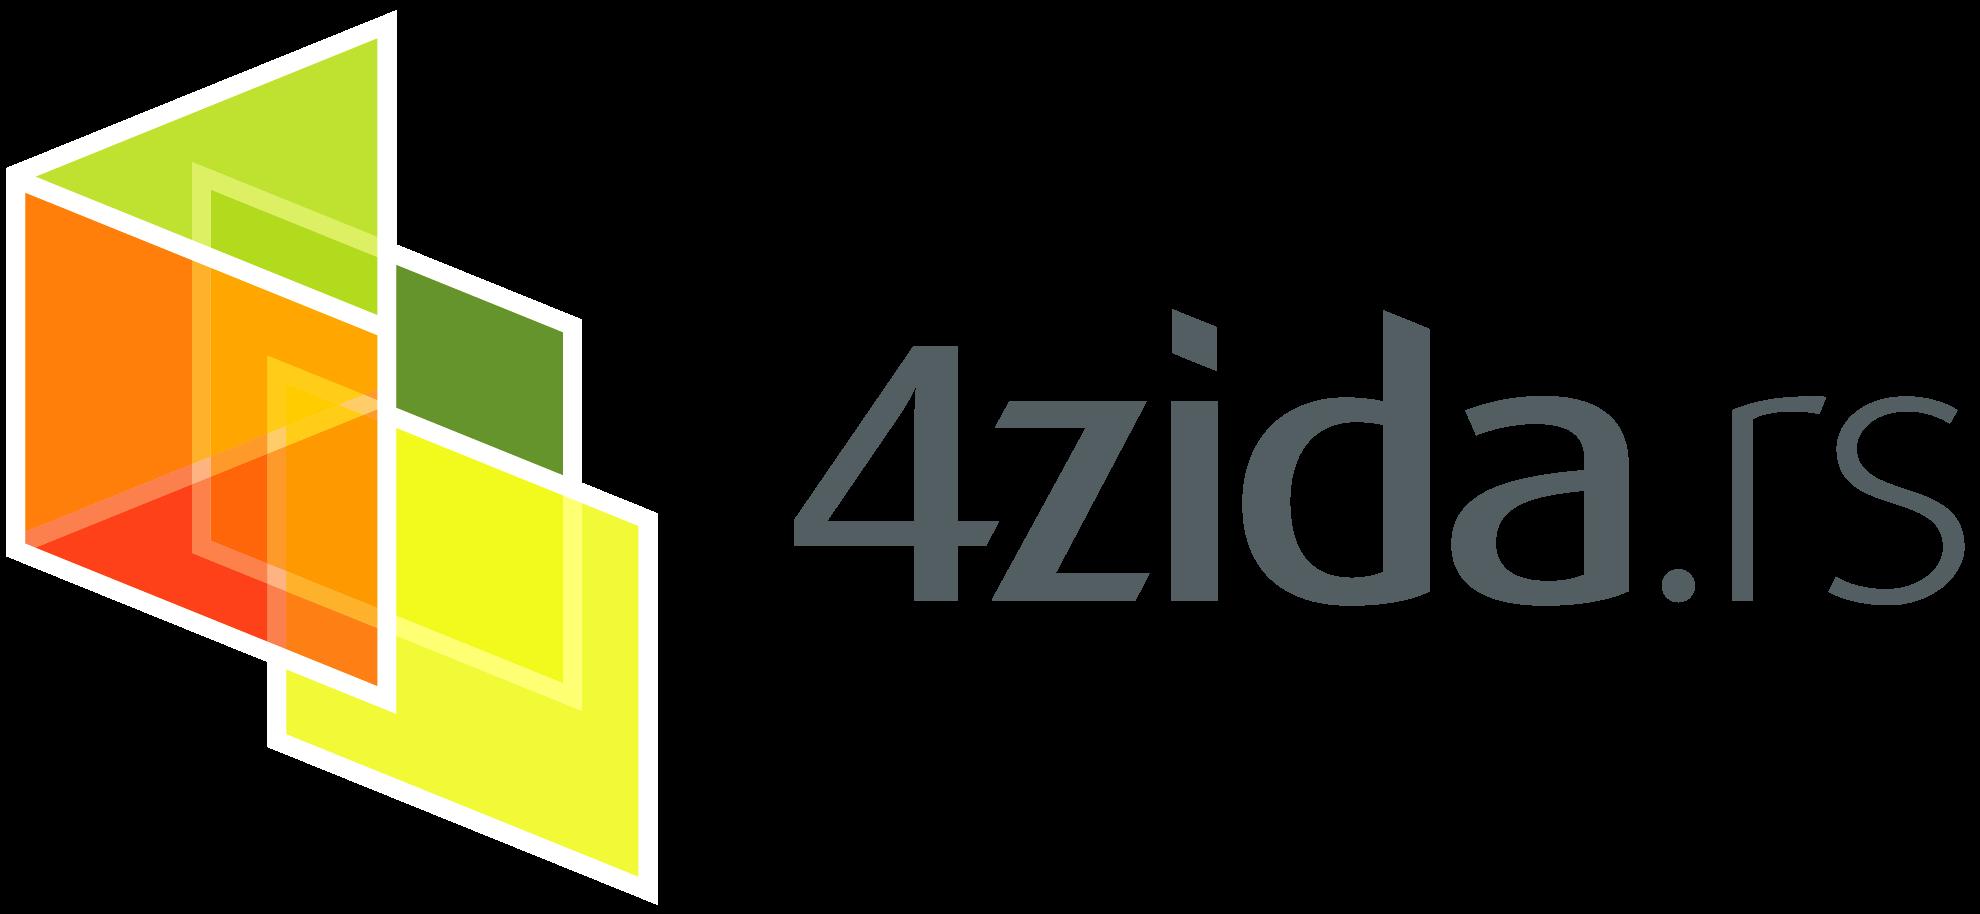 4zida.rs